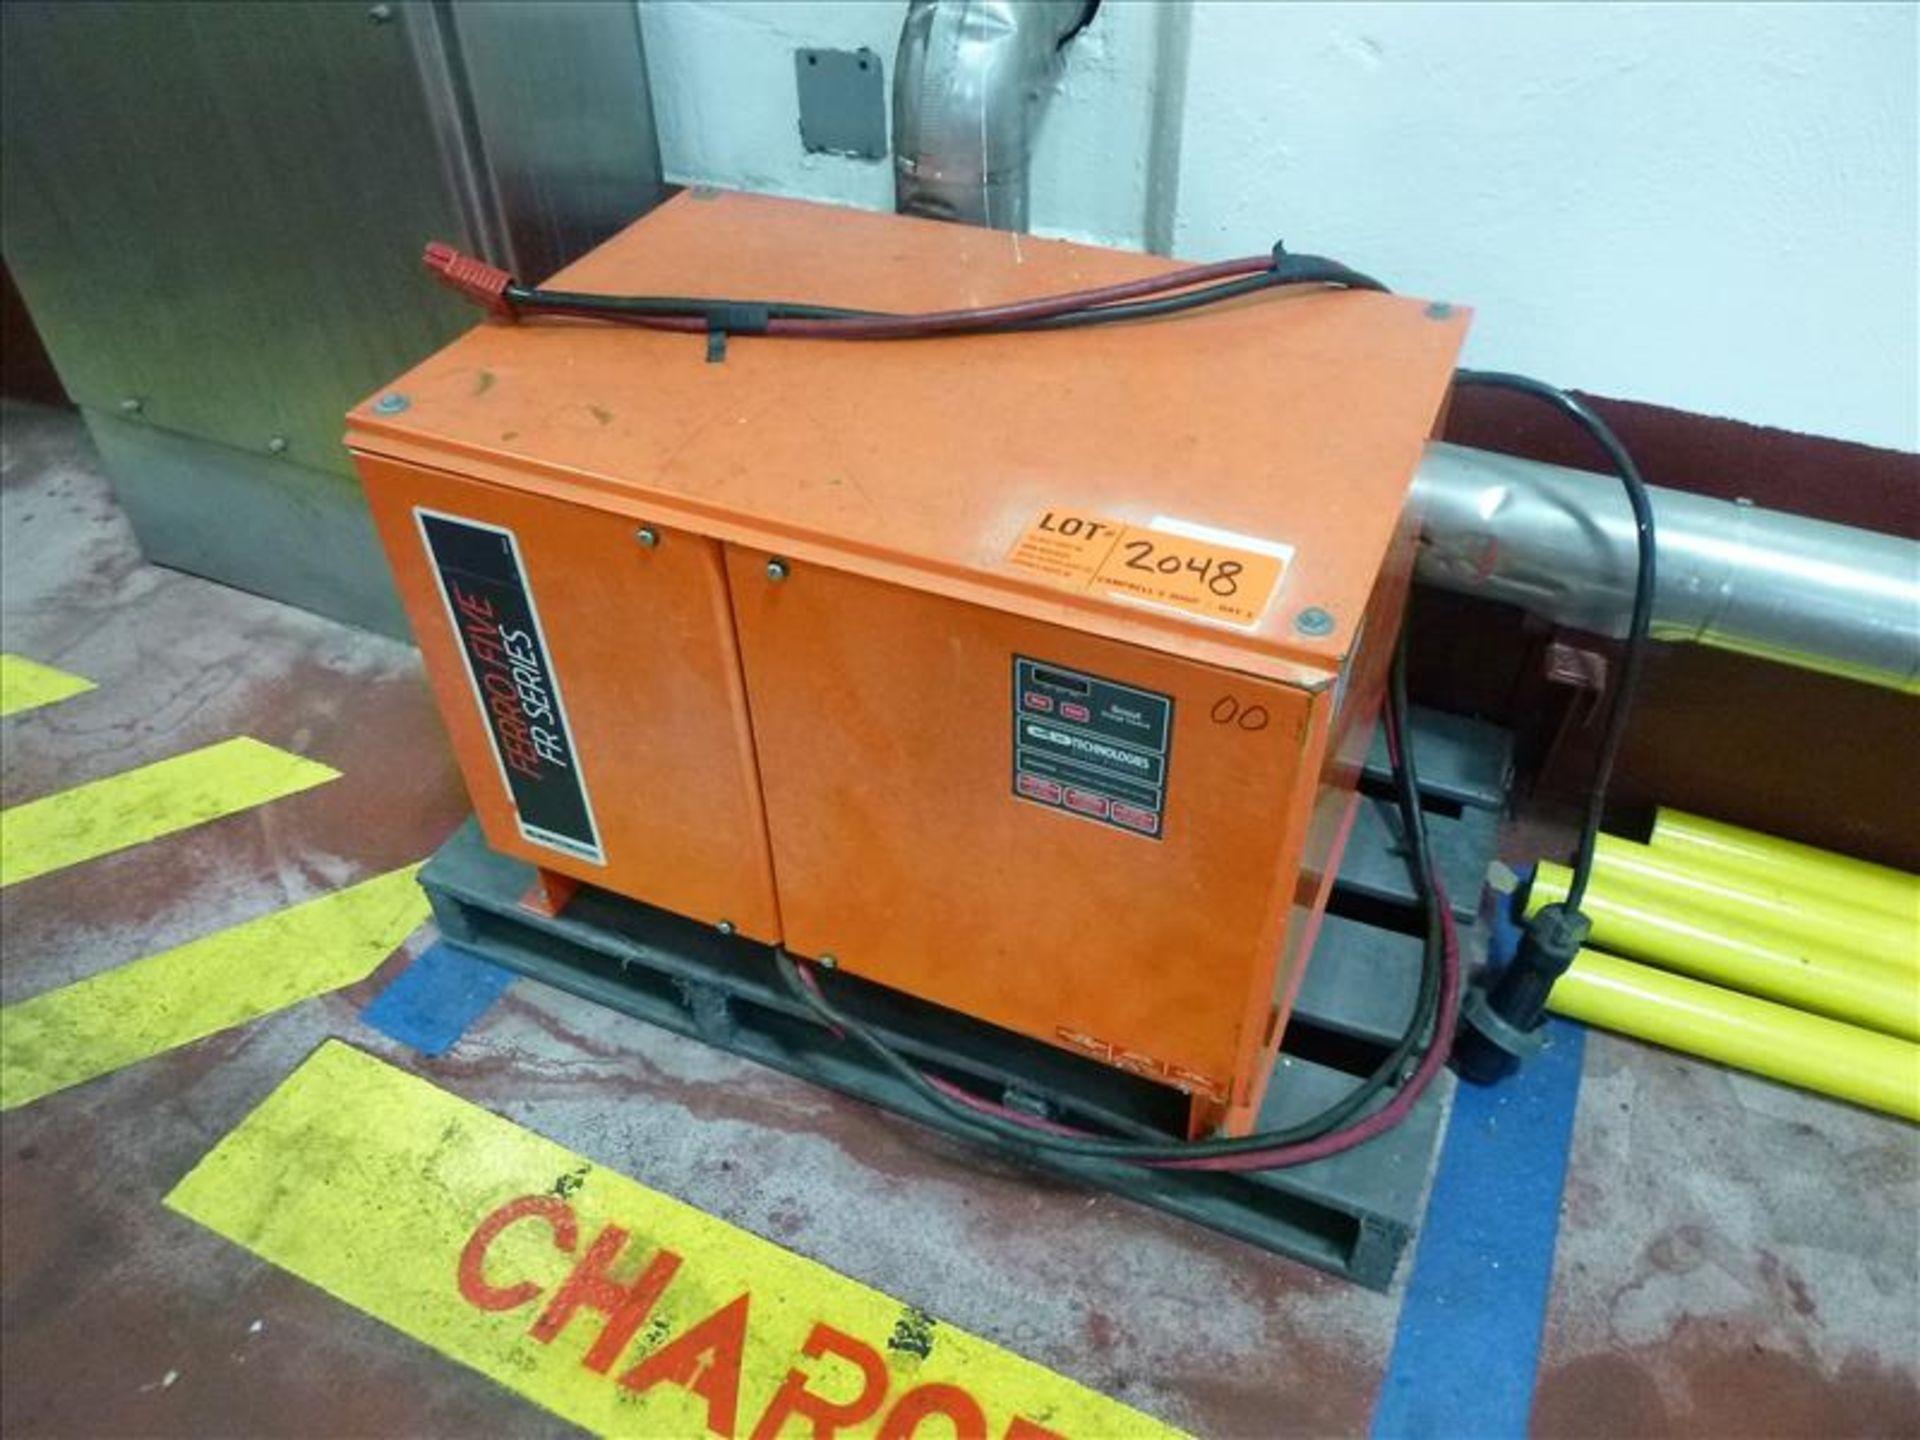 Lot 2048 - FerroFive battery charger, 24V [Material Handling]